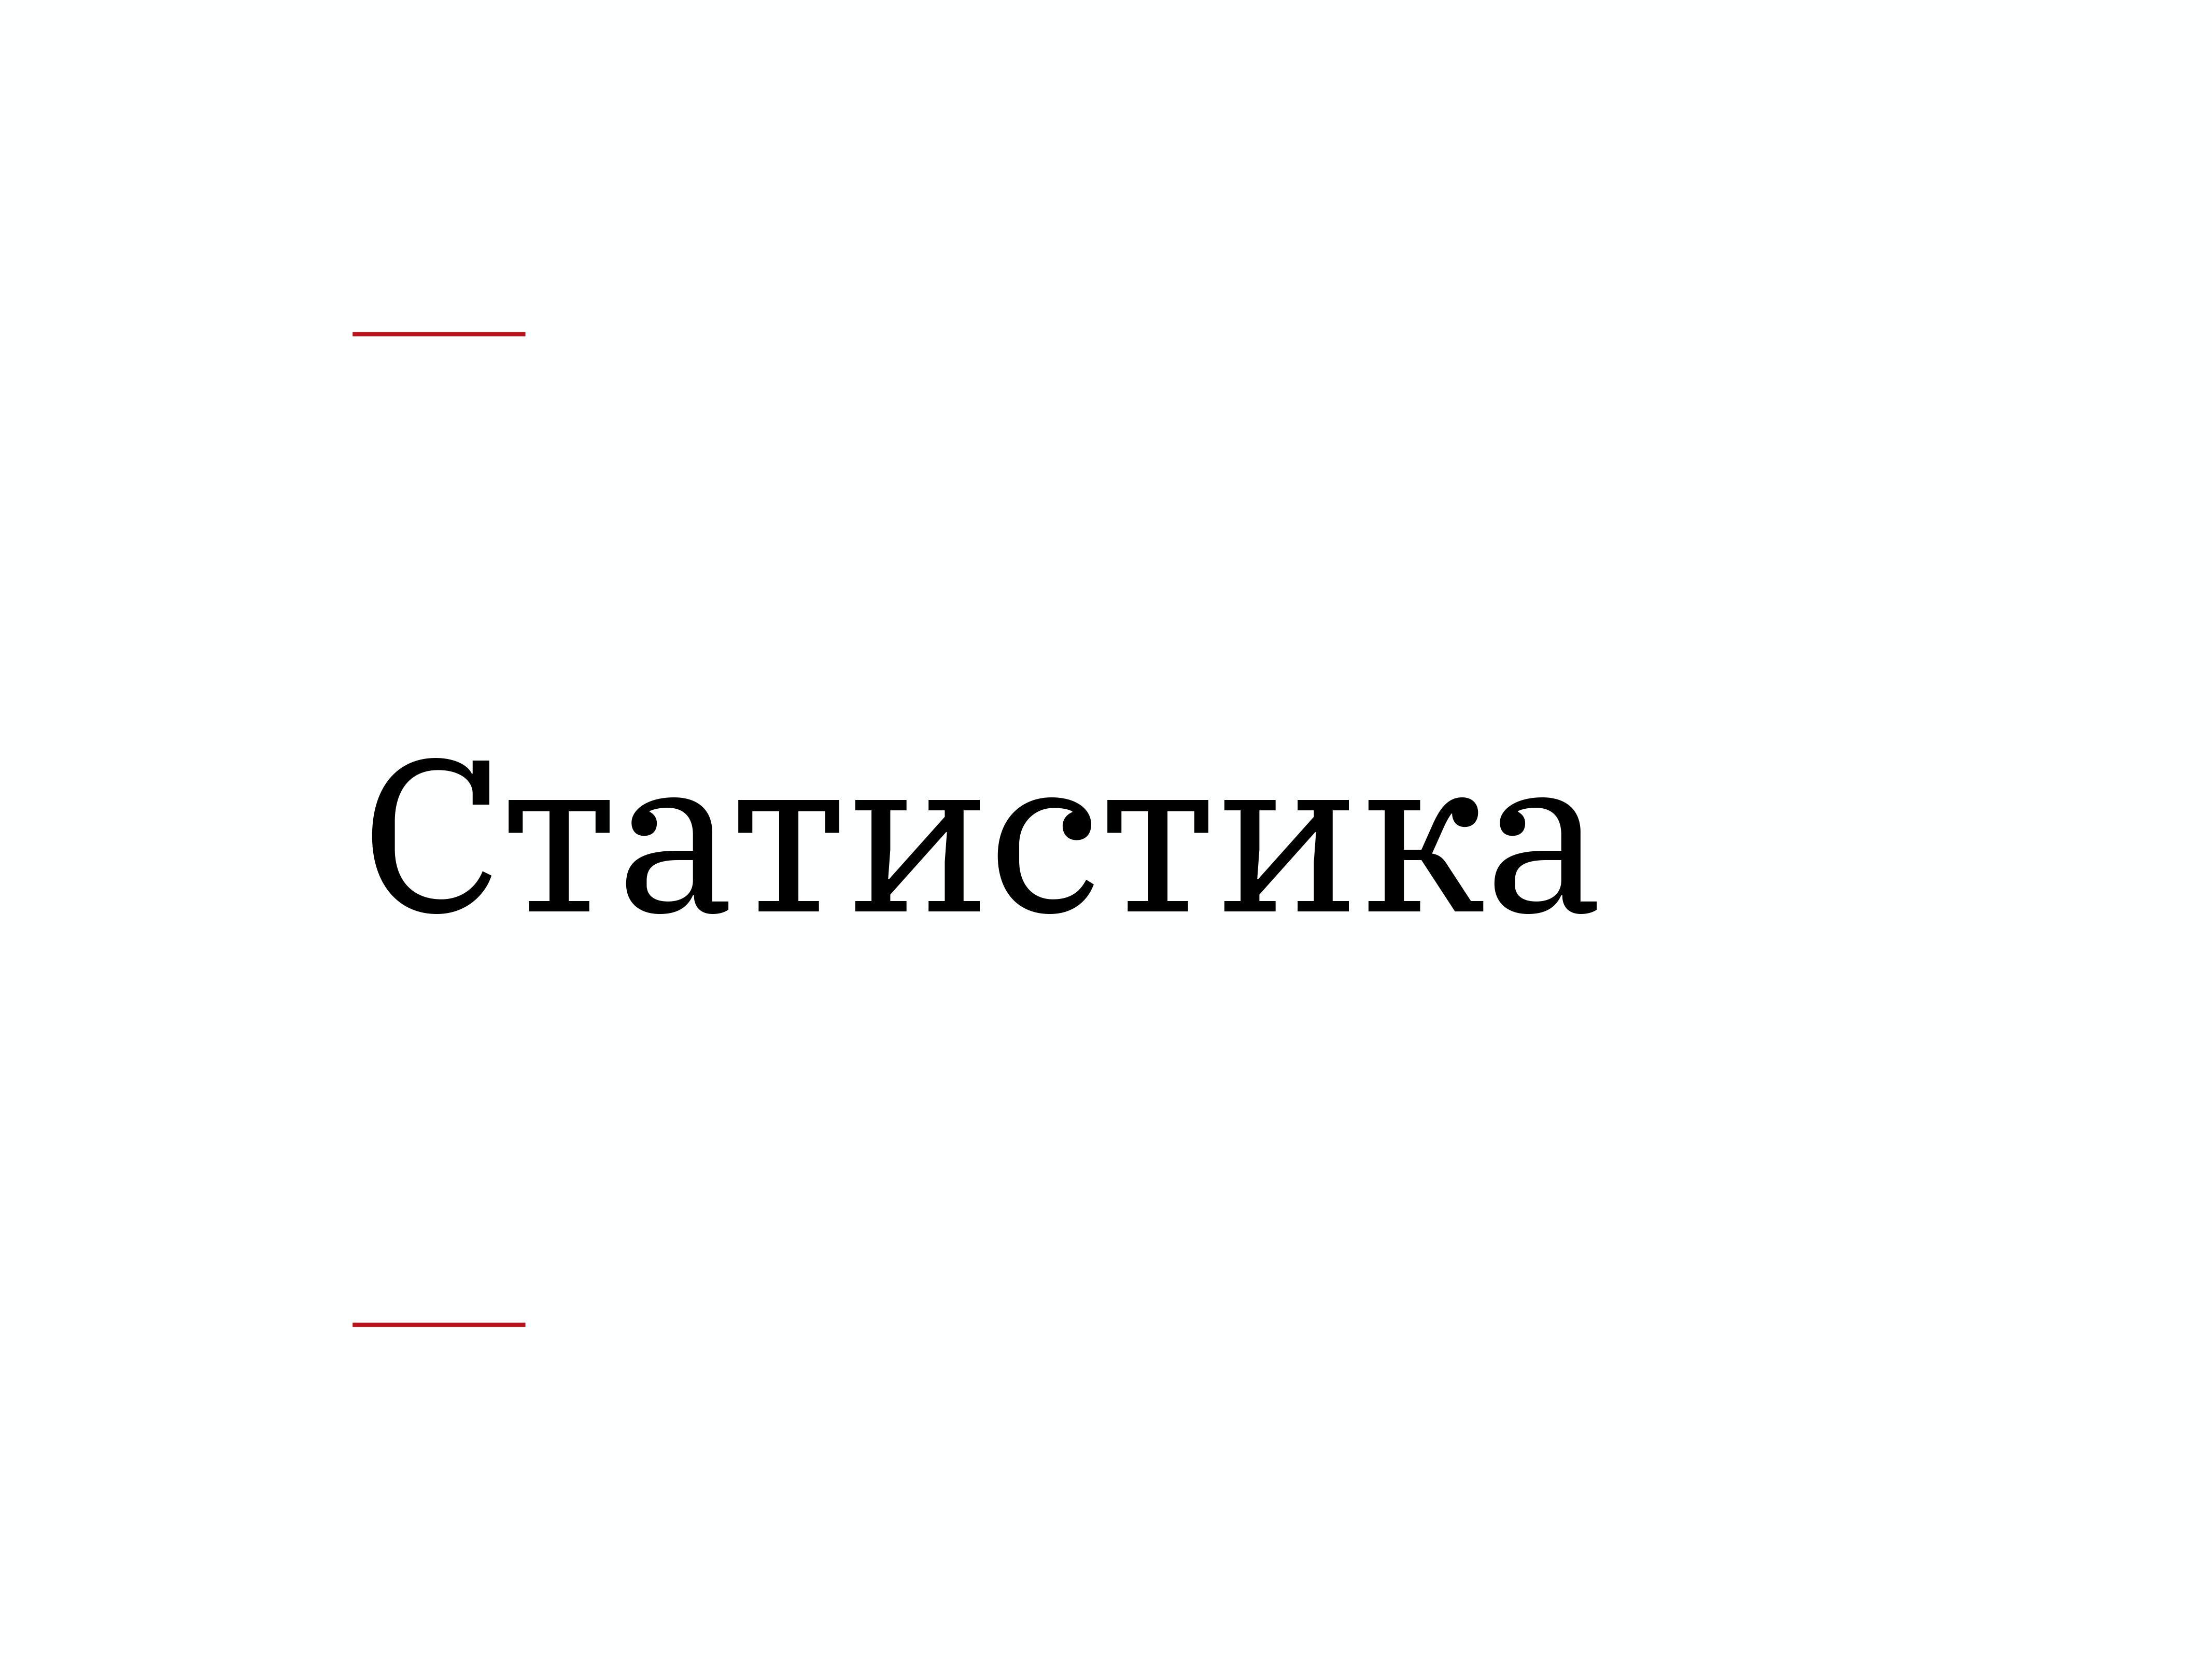 Алексей Каптерев: Критическое мышление 101 (часть 2) - 54